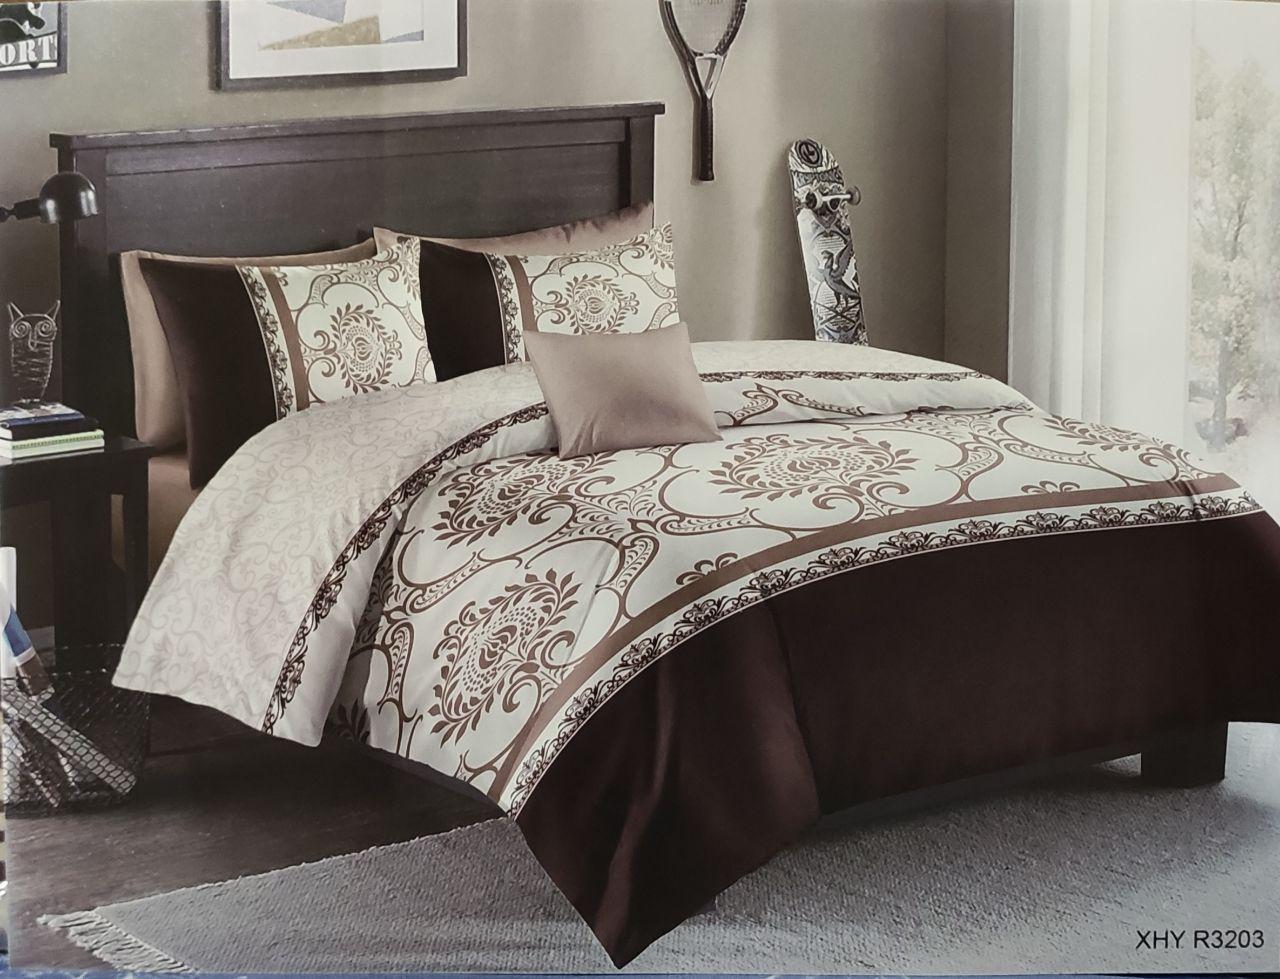 Бязевый комплект постельного белья полуторный размер, 150/200 см